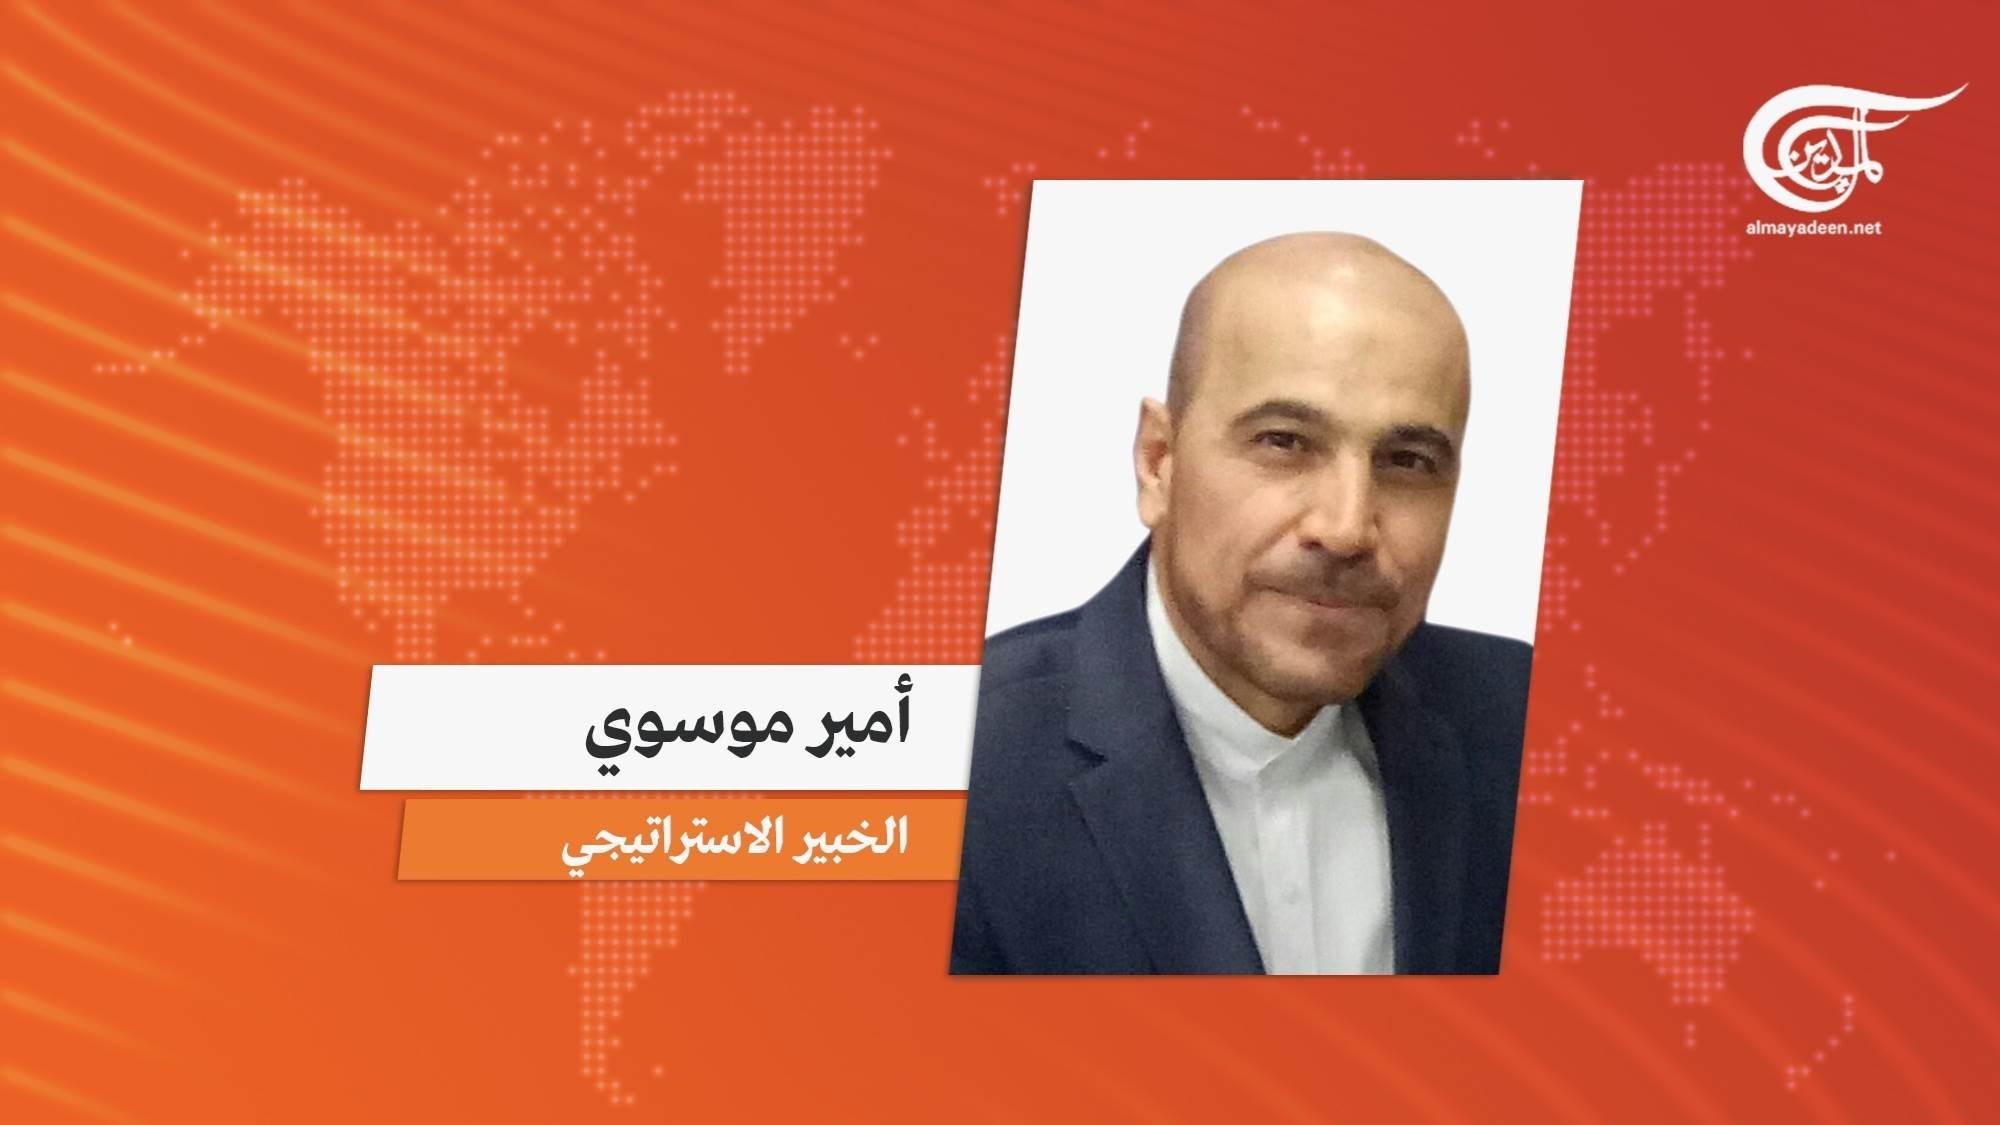 موسوي: تم ضبط وثائق هامة في سيارة شارمهد خطيرة حول استهدافات قد تشمل محور المقاومة